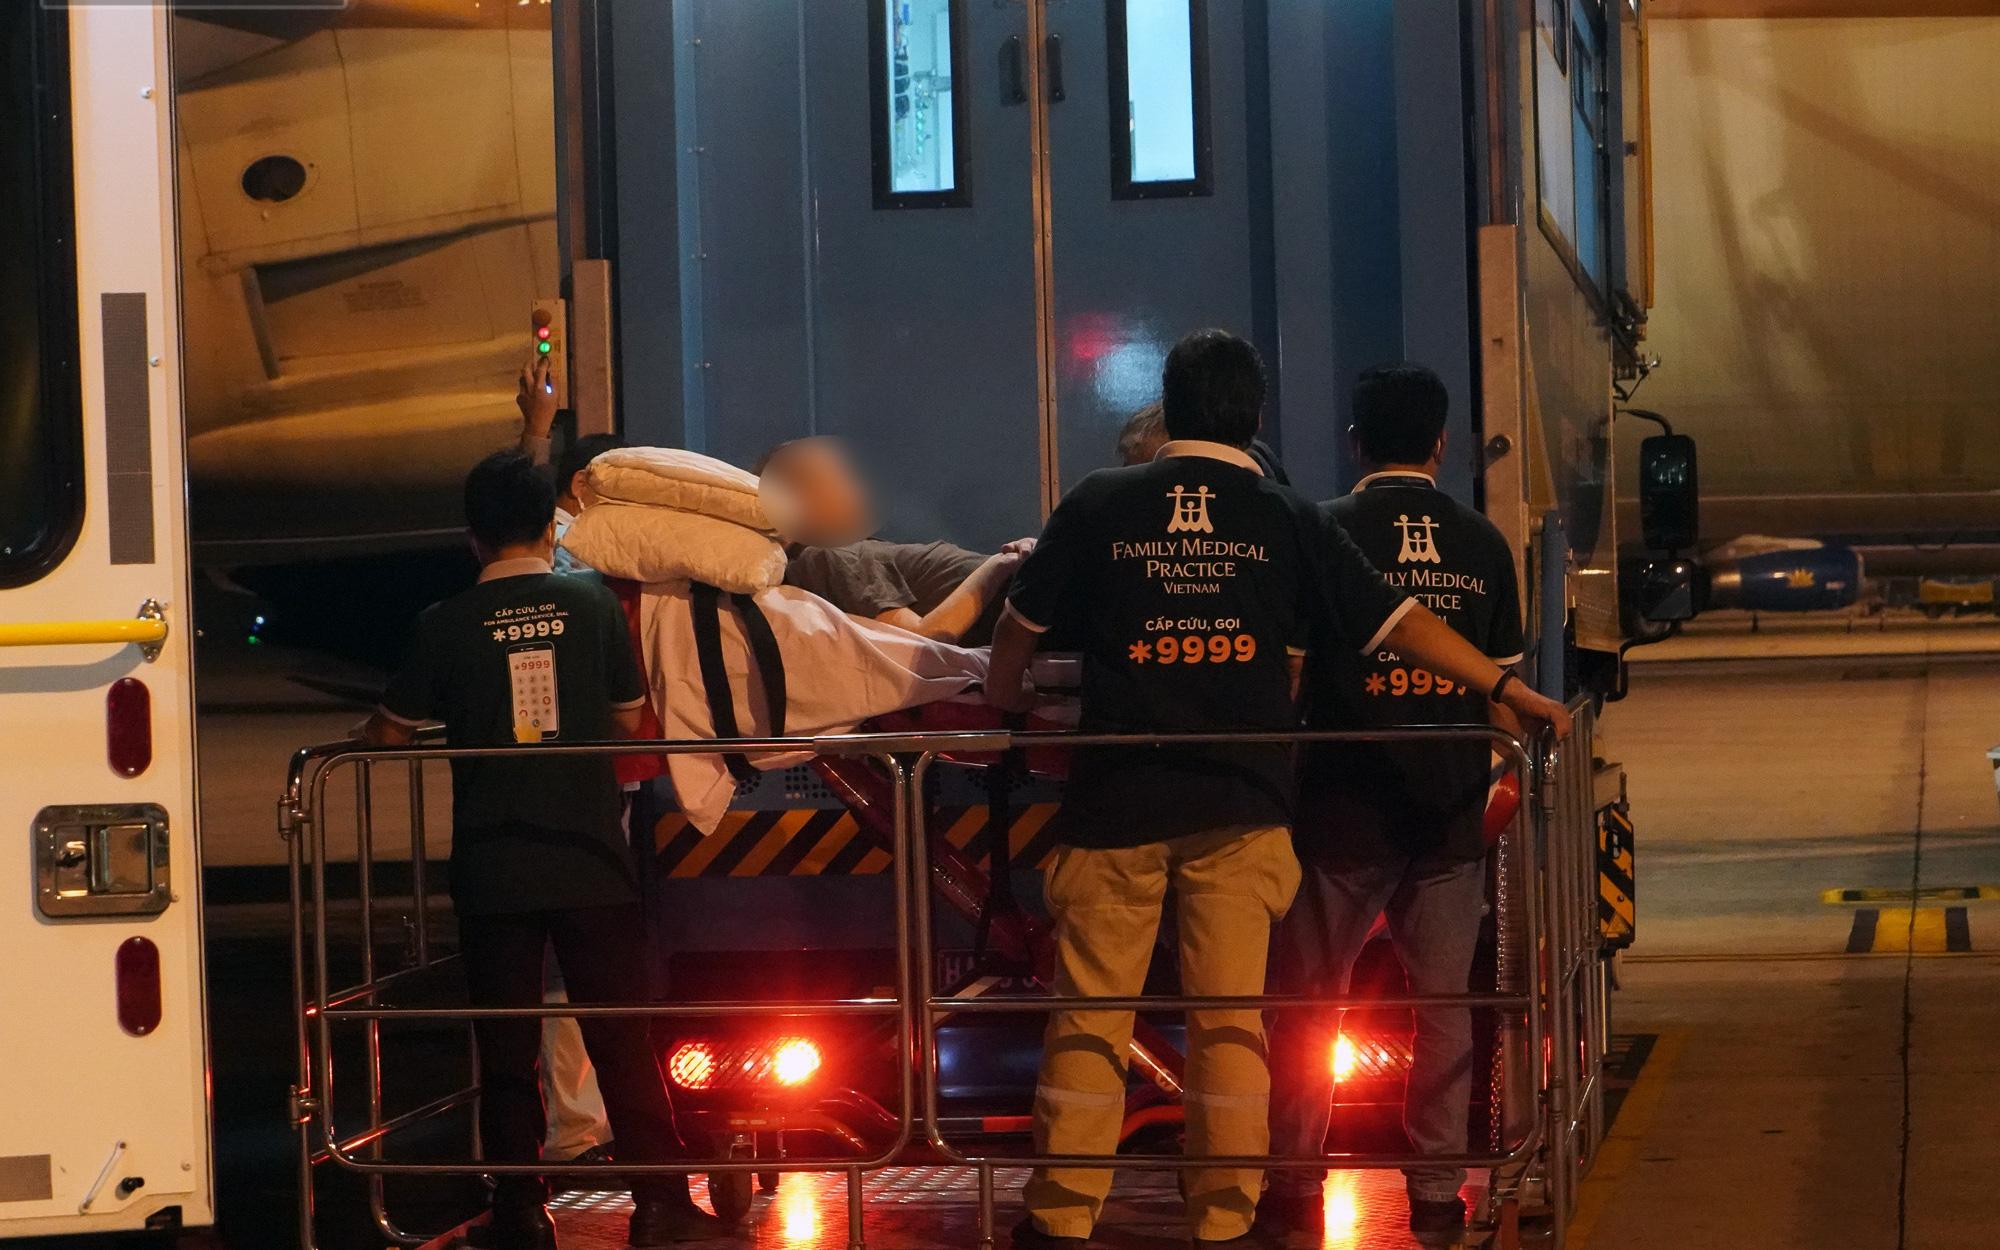 Cận cảnh quá trình di chuyển bệnh nhân 91 trên chuyến bay từ Tân Sơn Nhất đến Nội Bài